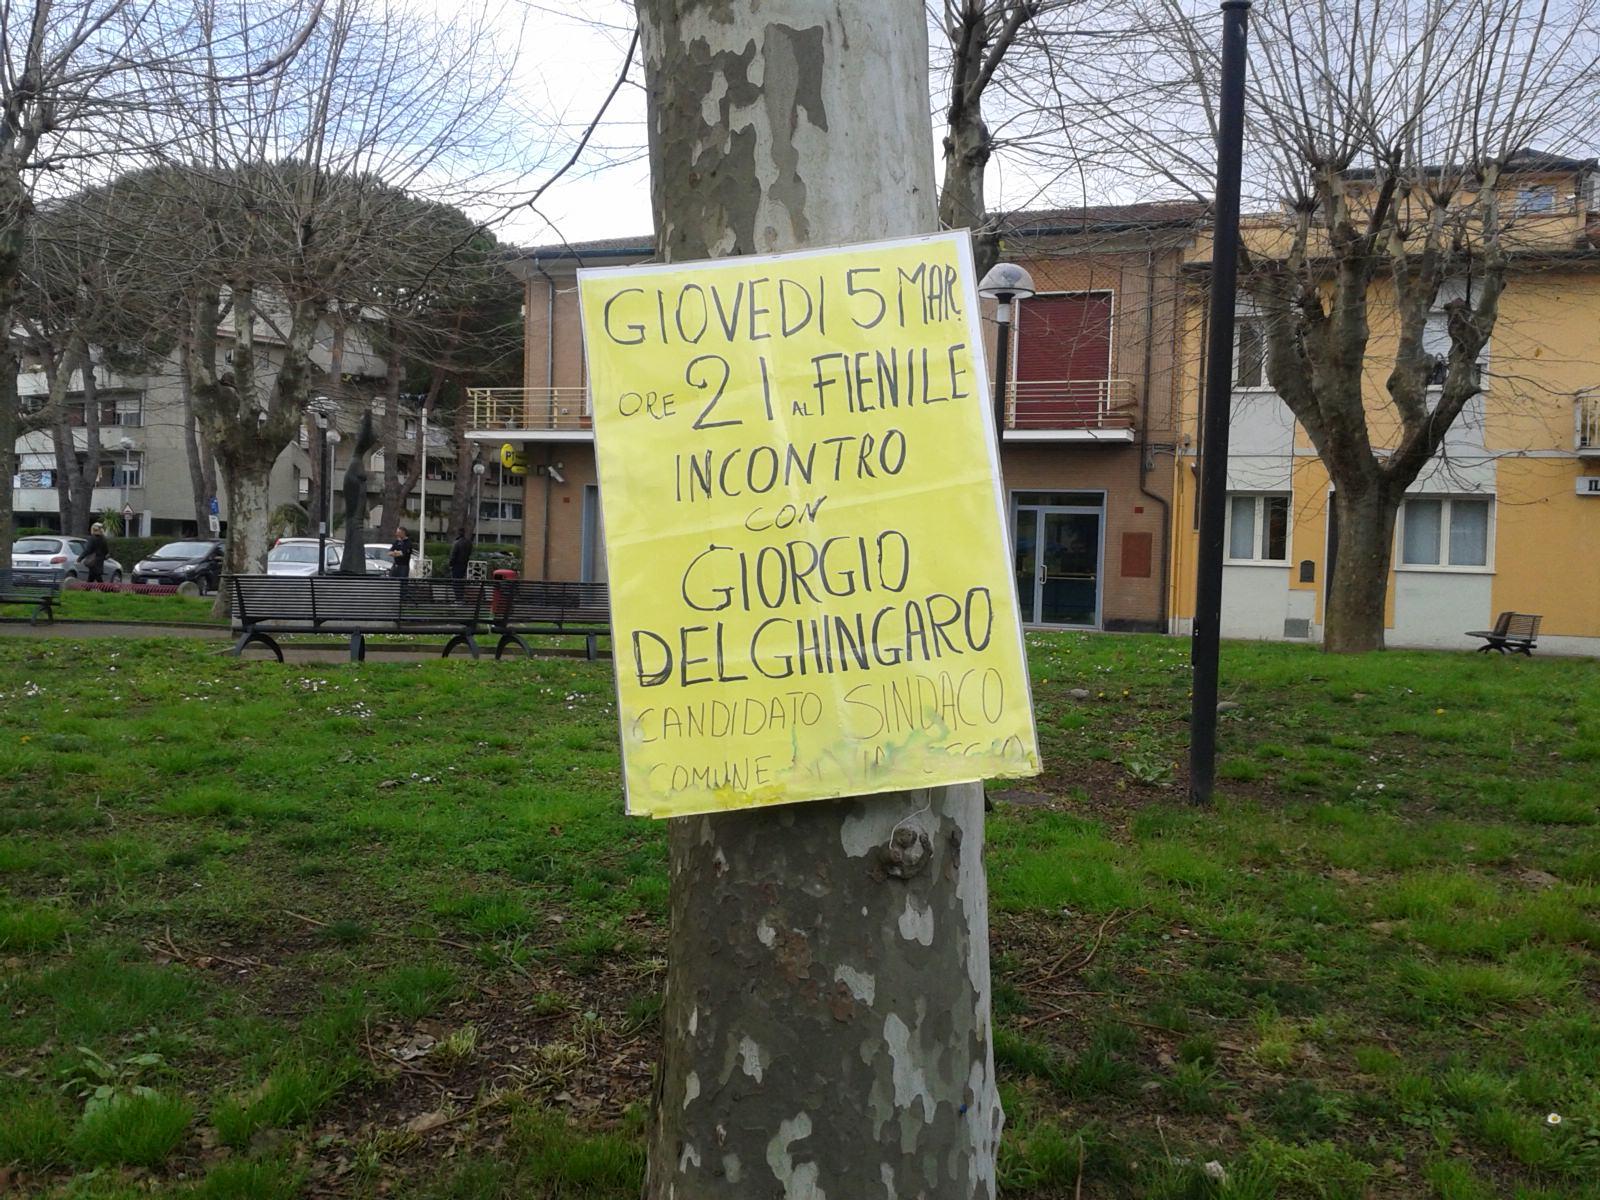 Cartello appeso all'albero da giorni per pubblicizzare un evento programmato un mese fa